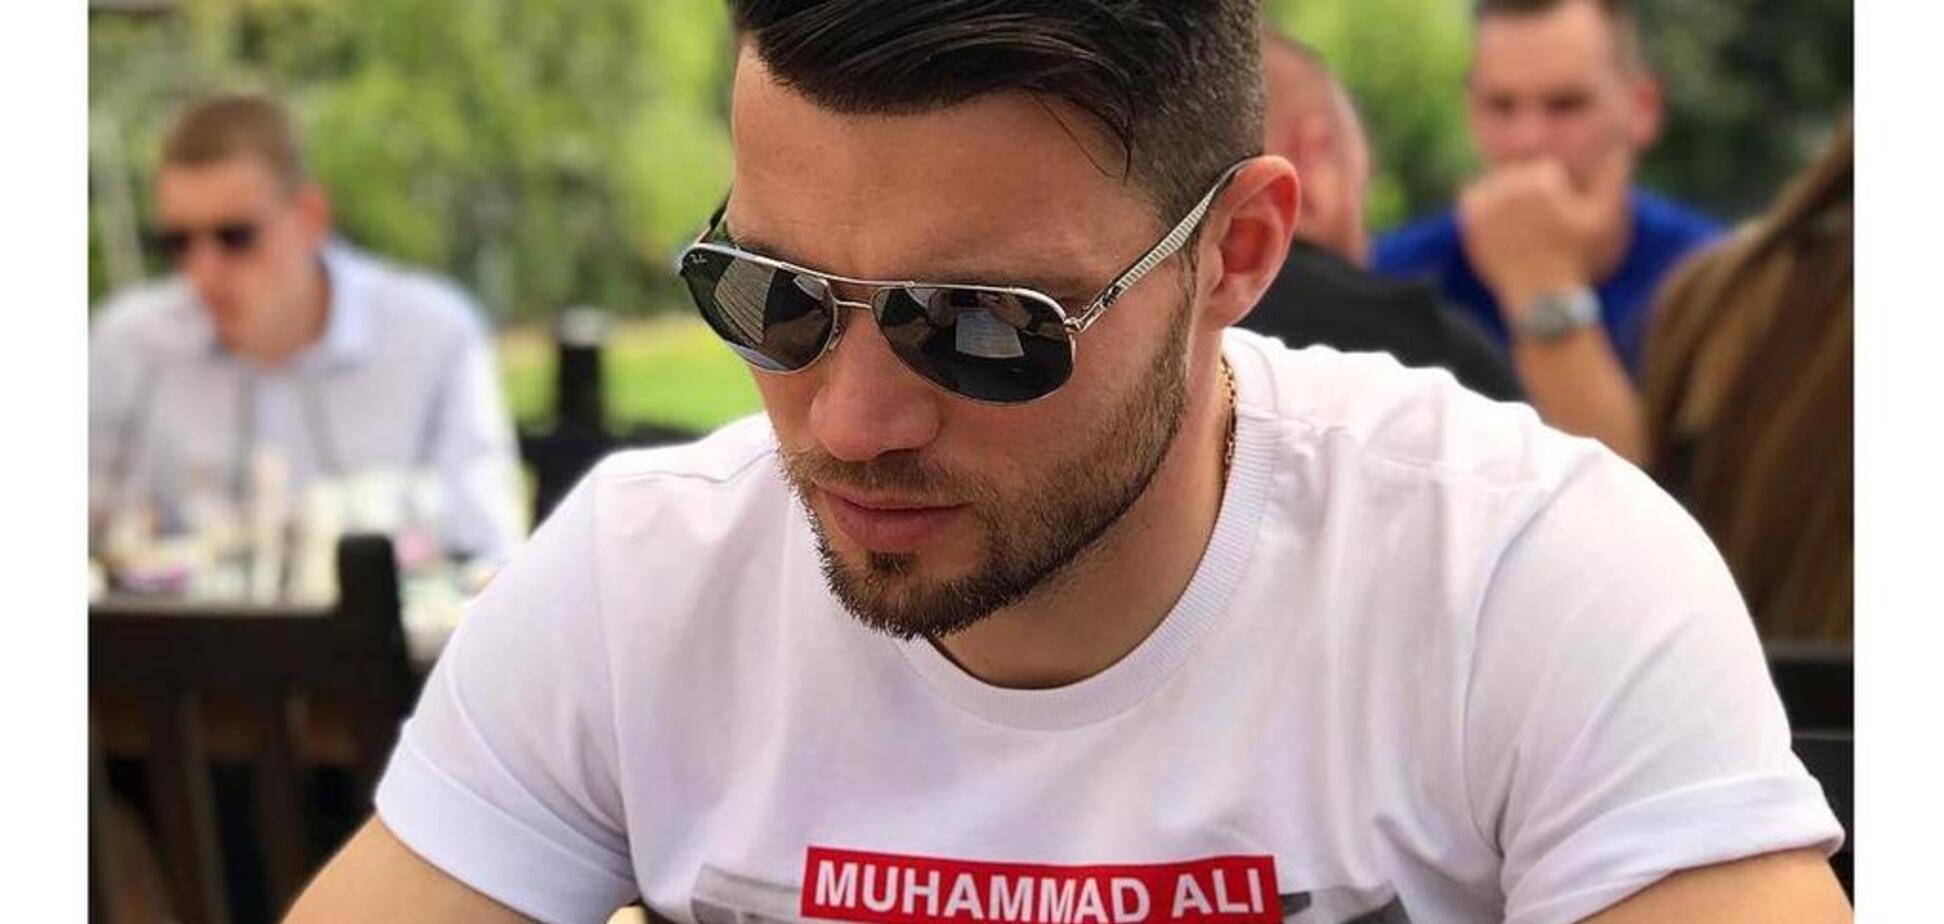 'Москальська пика ляже': український футболіст пригрозив росіянам і отримав у відповідь погрози